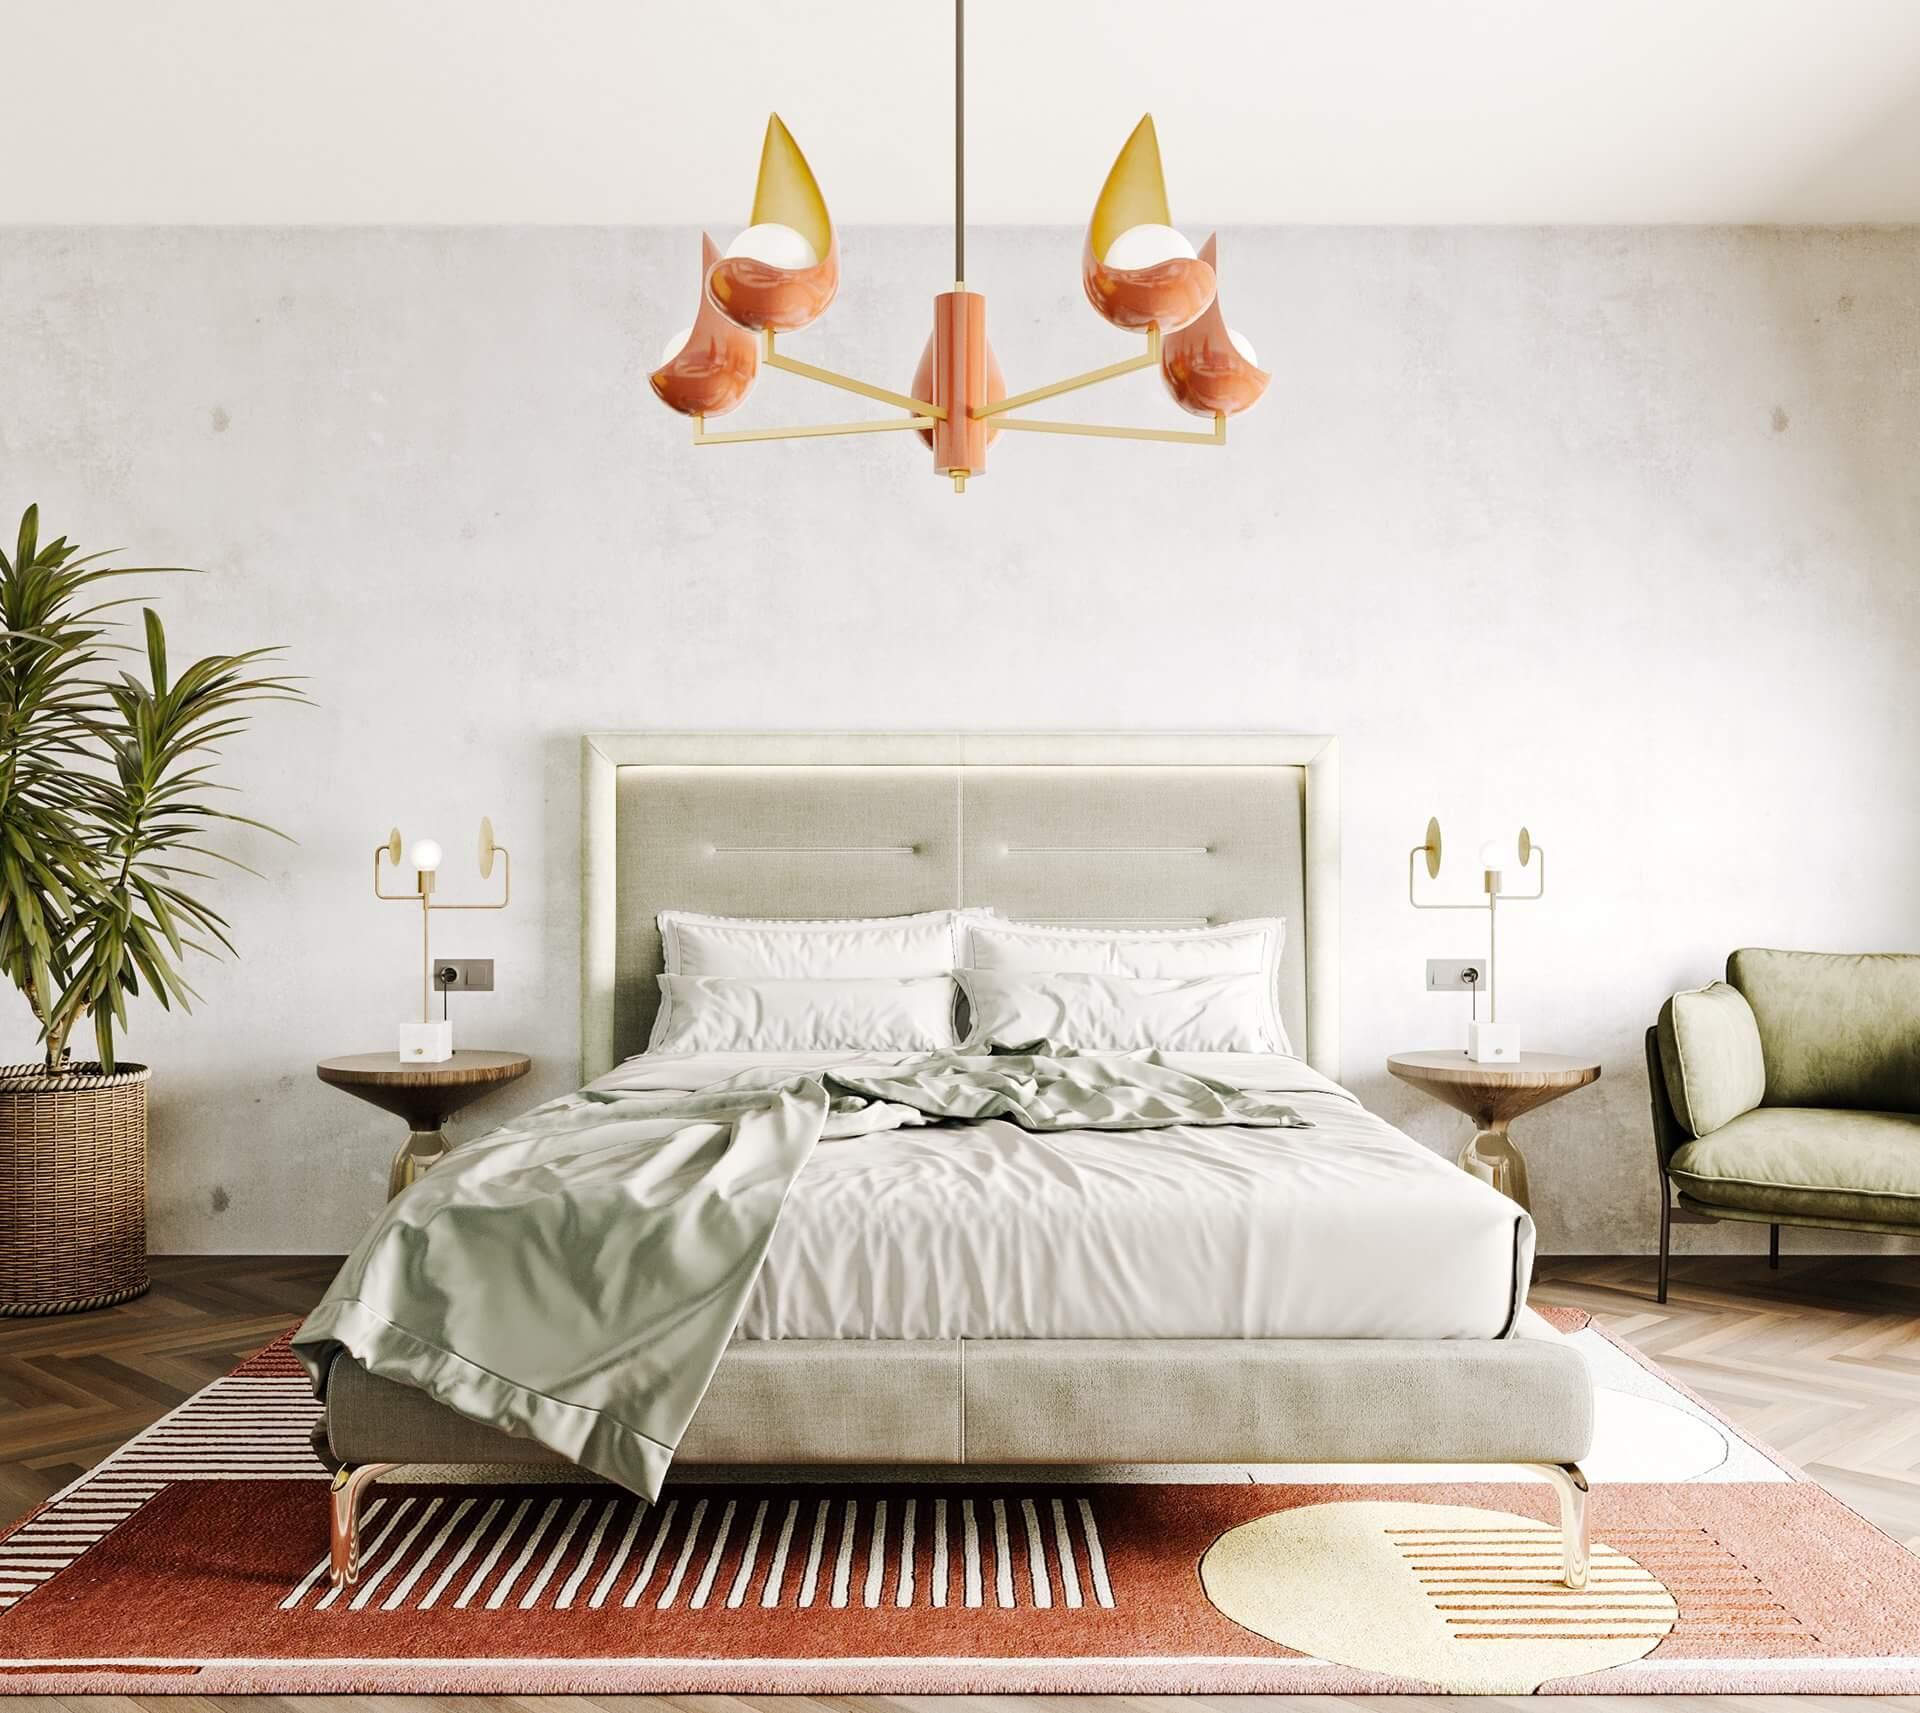 Sin-cinnati bedroom cozy